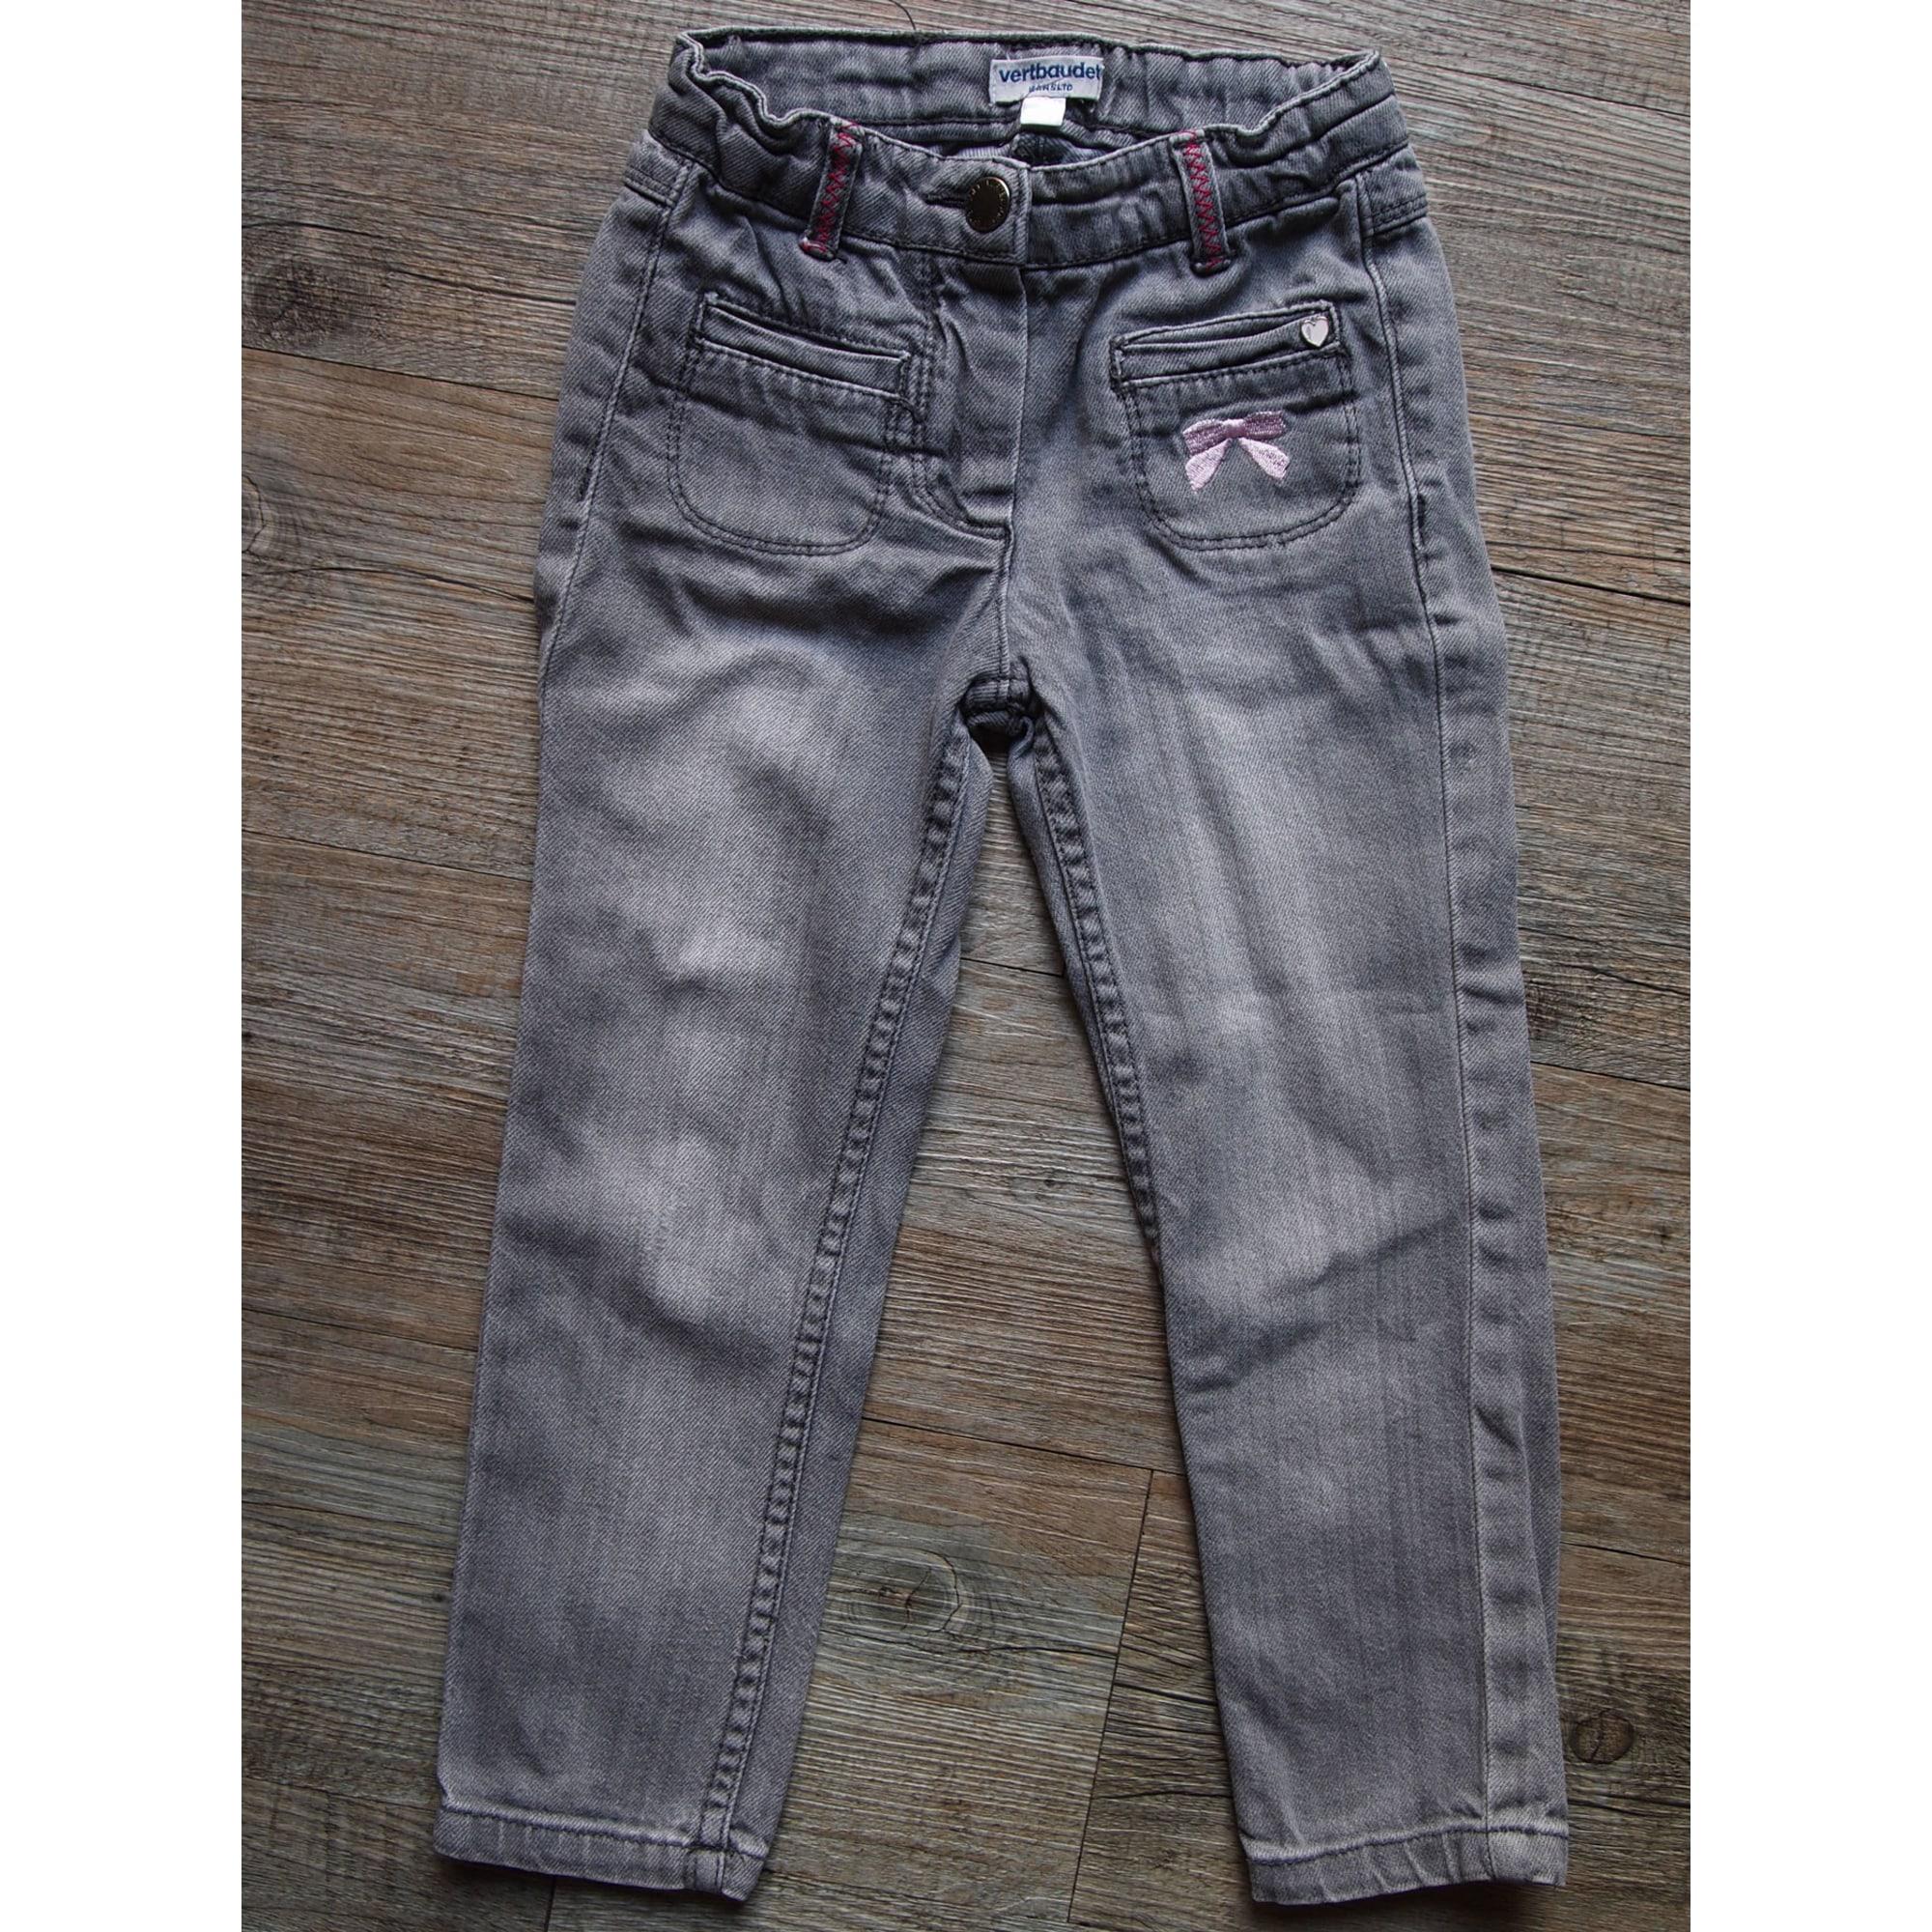 Jeans droit VERTBAUDET Gris, anthracite